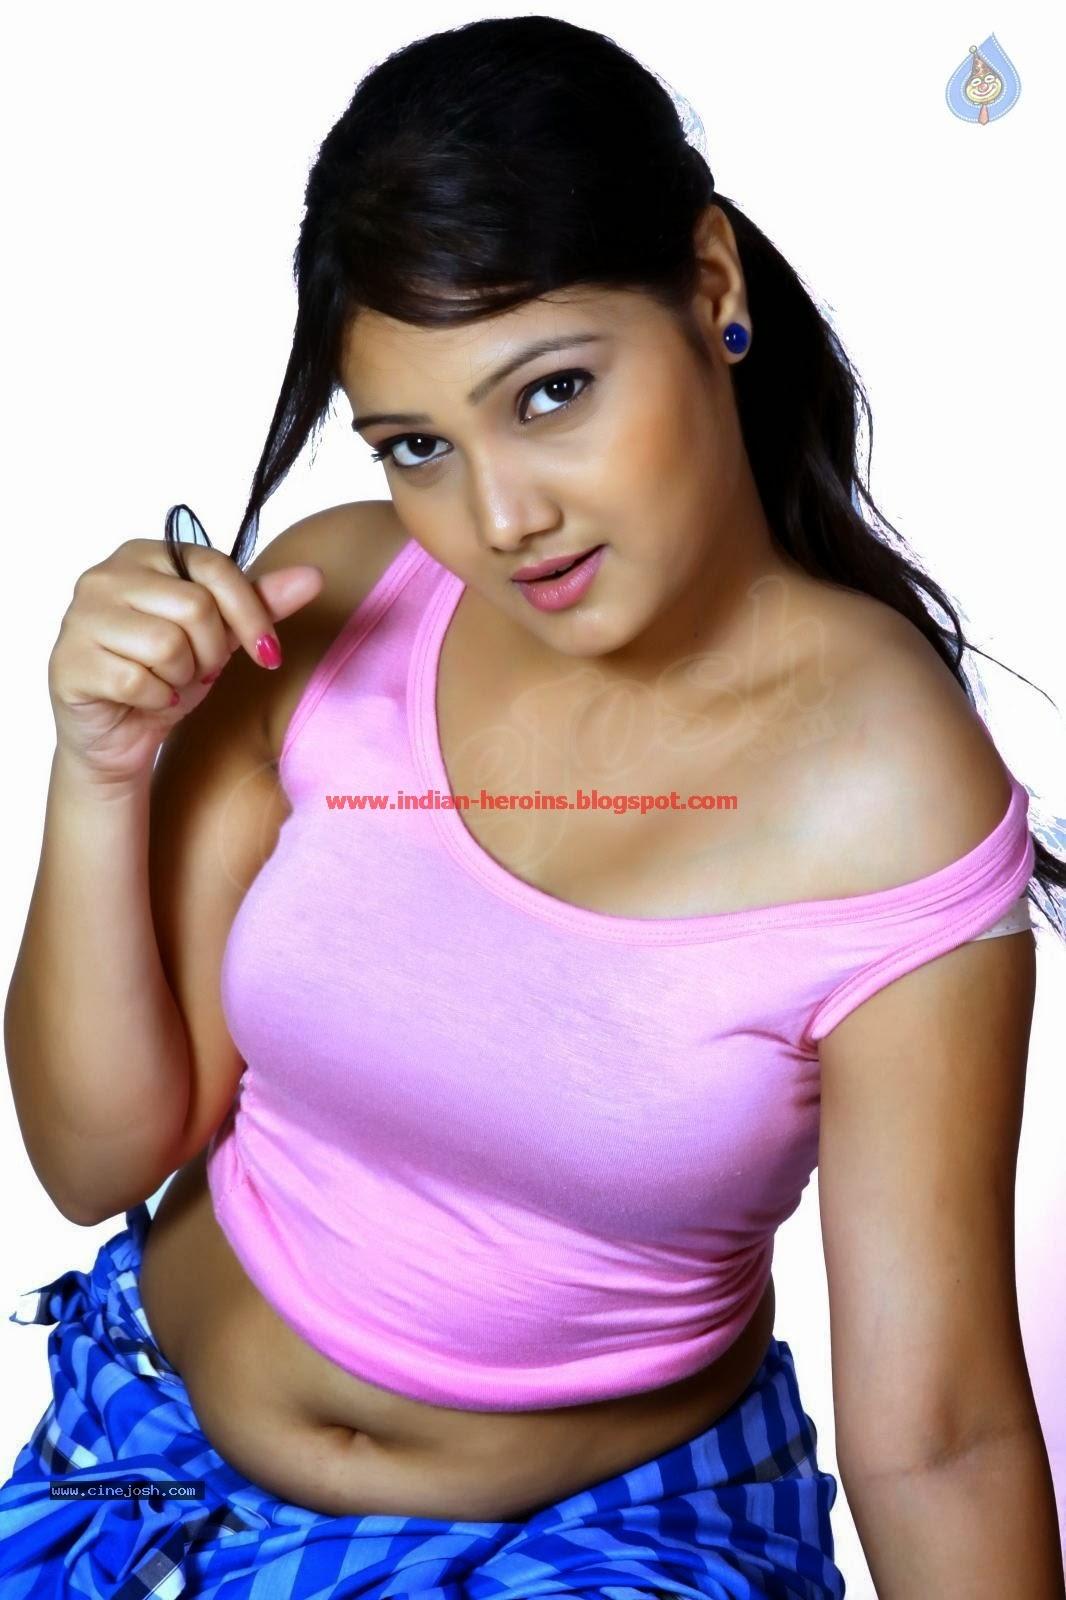 Telugu Tv Actress Priyanka Hot Navel And Boobs Showing -8729